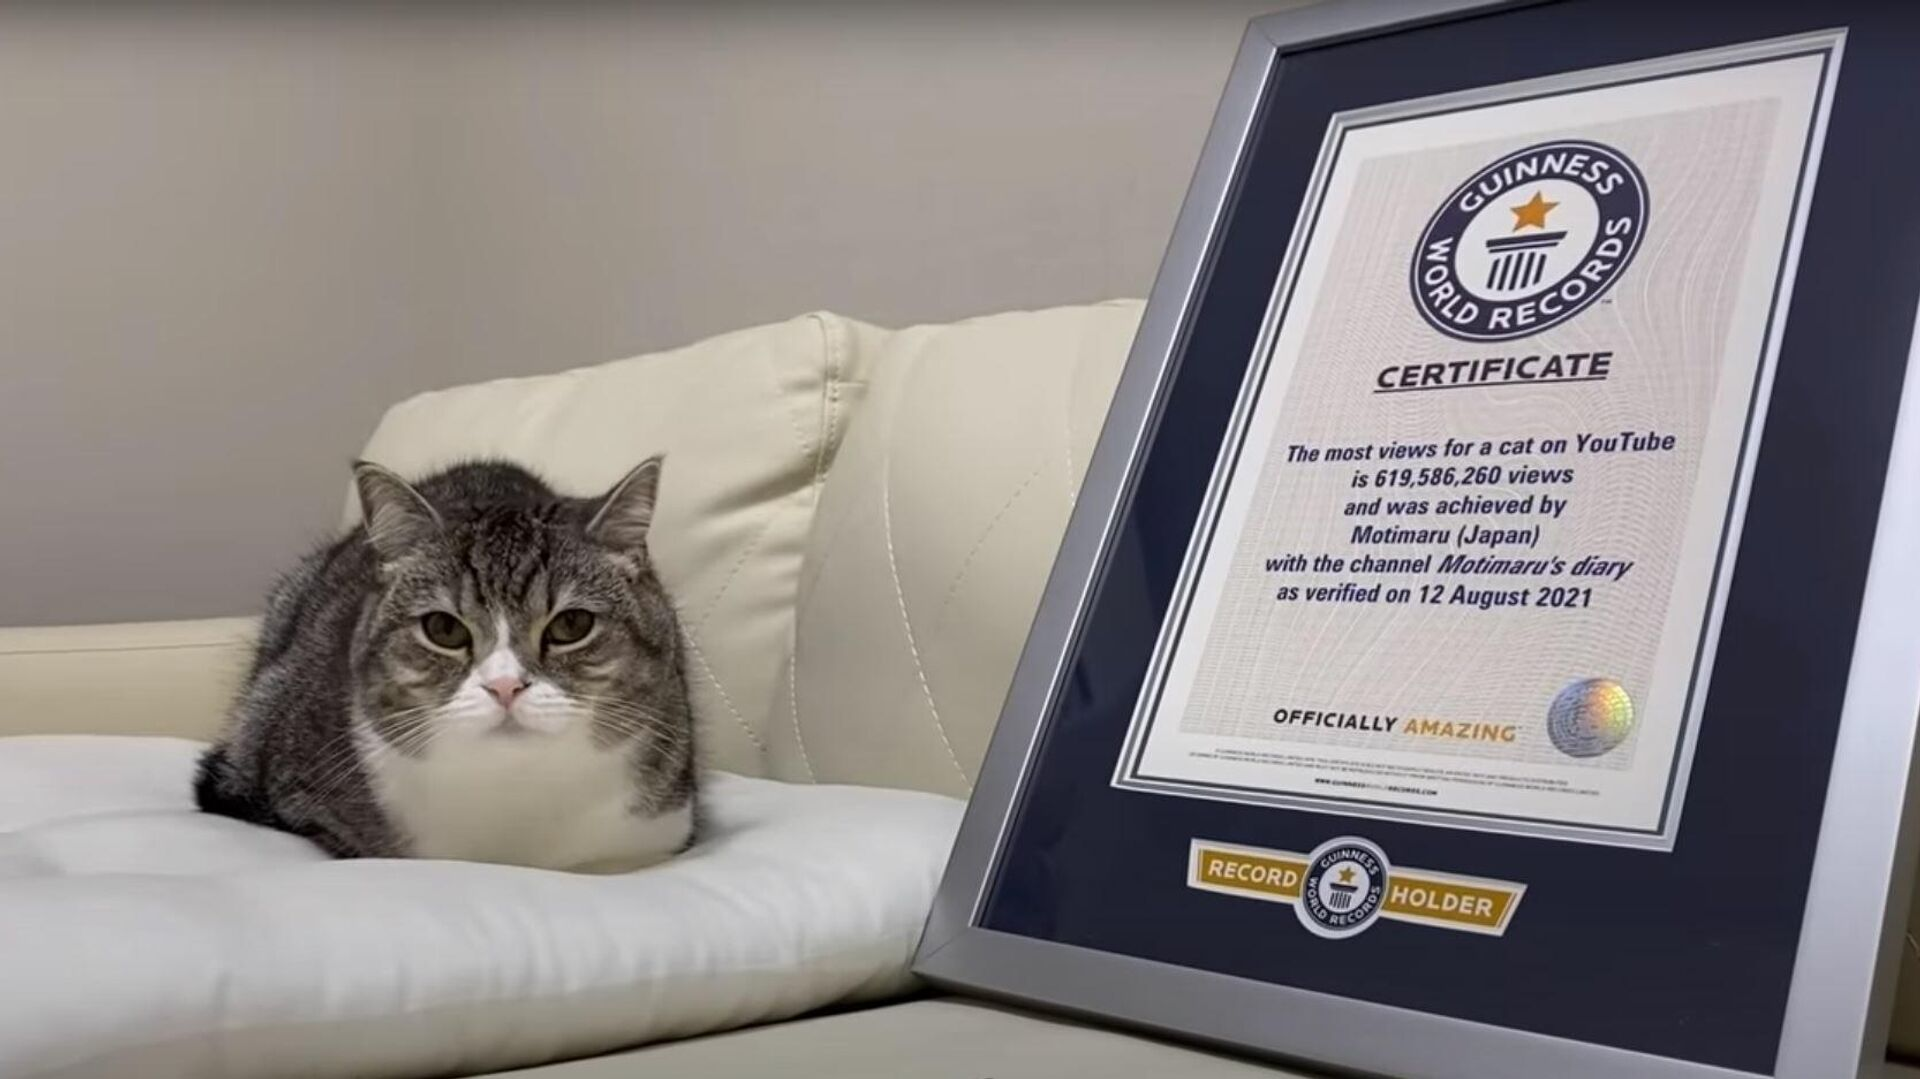 【祝】もち様がギネス世界記録™に認定されました。 - Sputnik Mundo, 1920, 08.09.2021